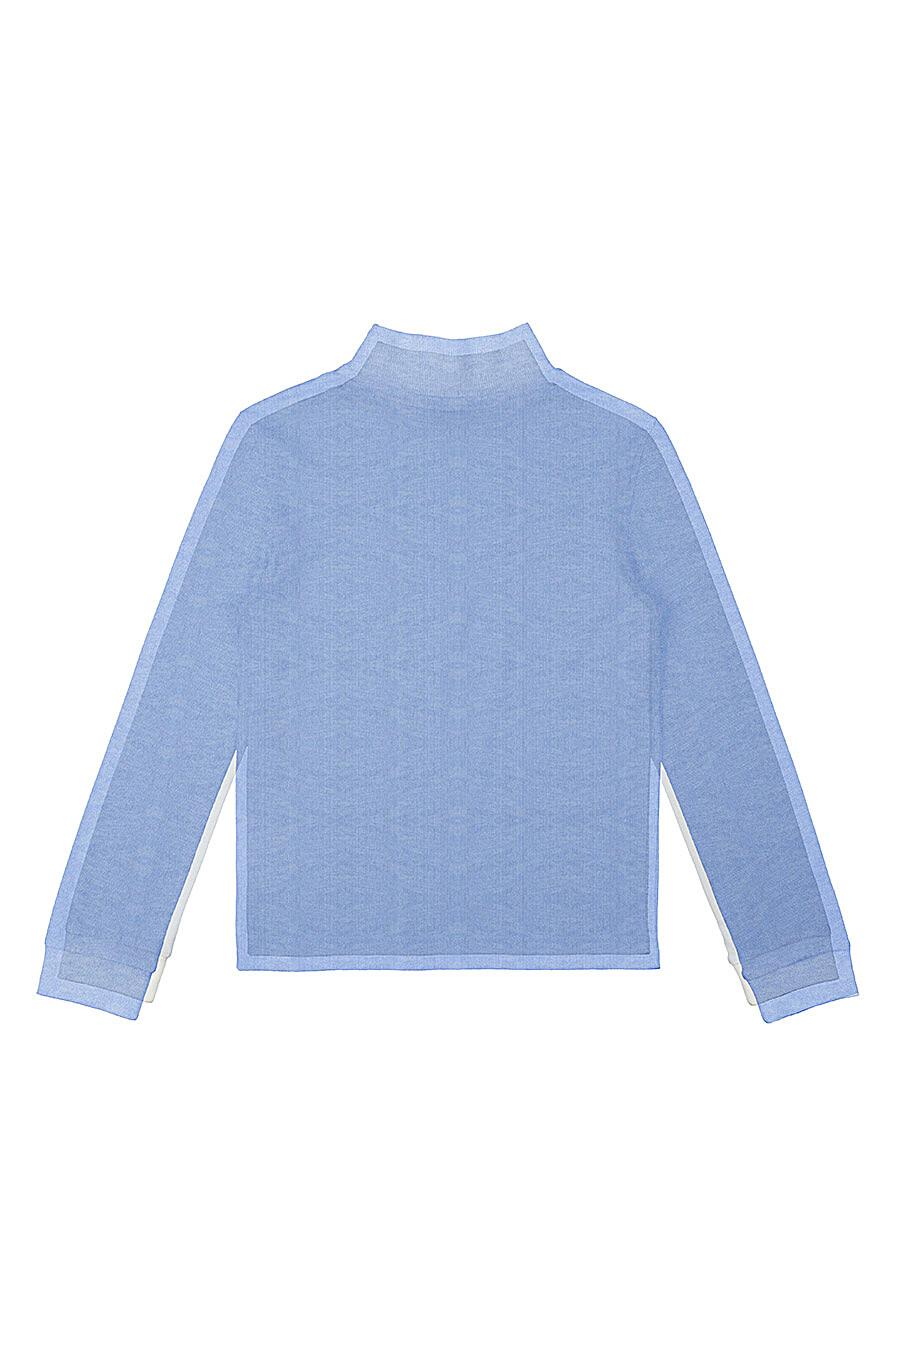 Водолазка для мальчиков IN FUNT 218984 купить оптом от производителя. Совместная покупка детской одежды в OptMoyo